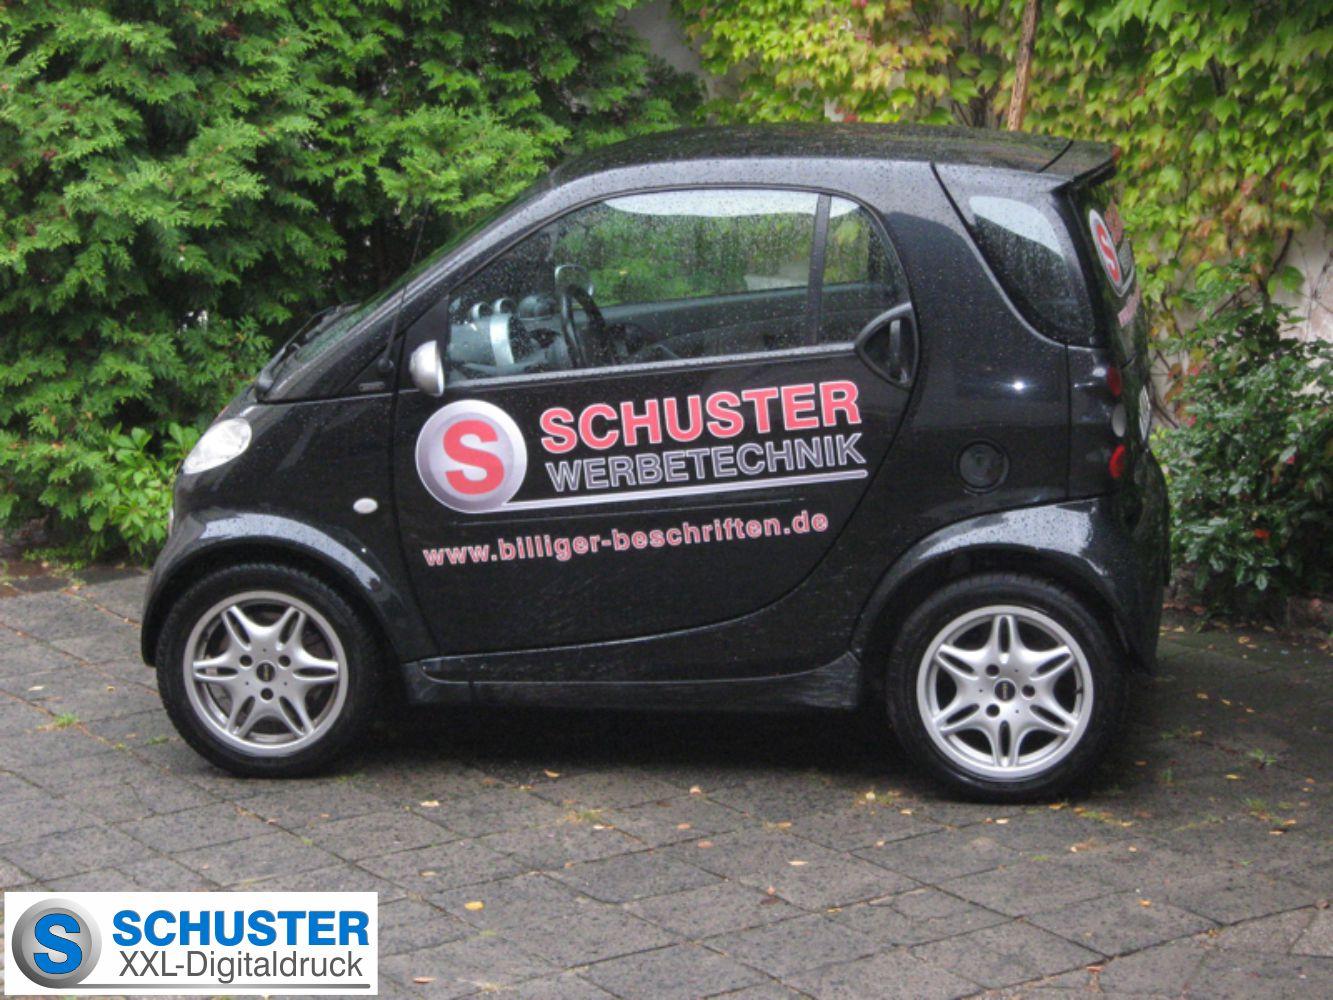 Smart - Autobeschriftung von SCHUSTER WERBETECHNIK